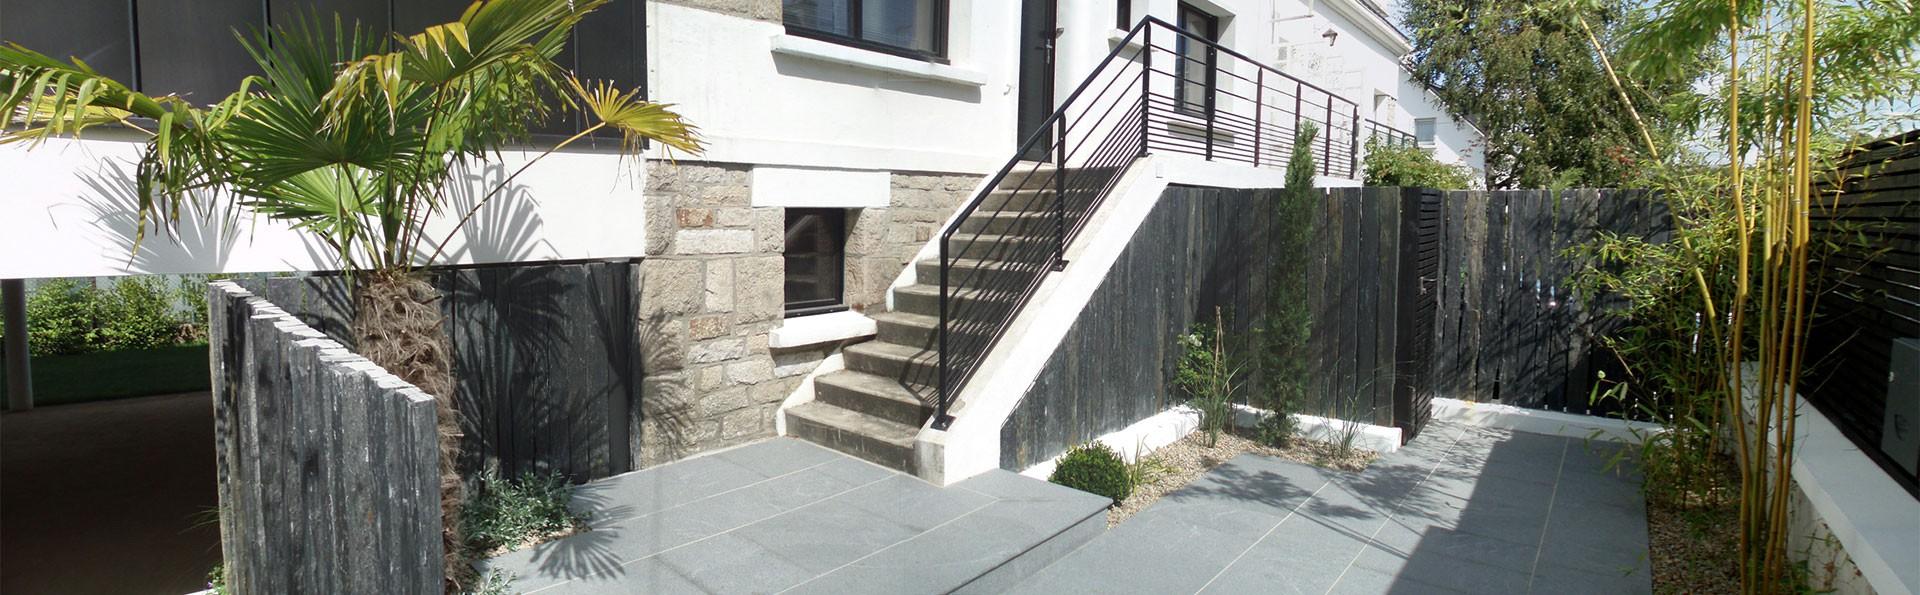 Aménagement Extérieur Entrée Maison aménagement paysager et décoration en ardoise par côté déco